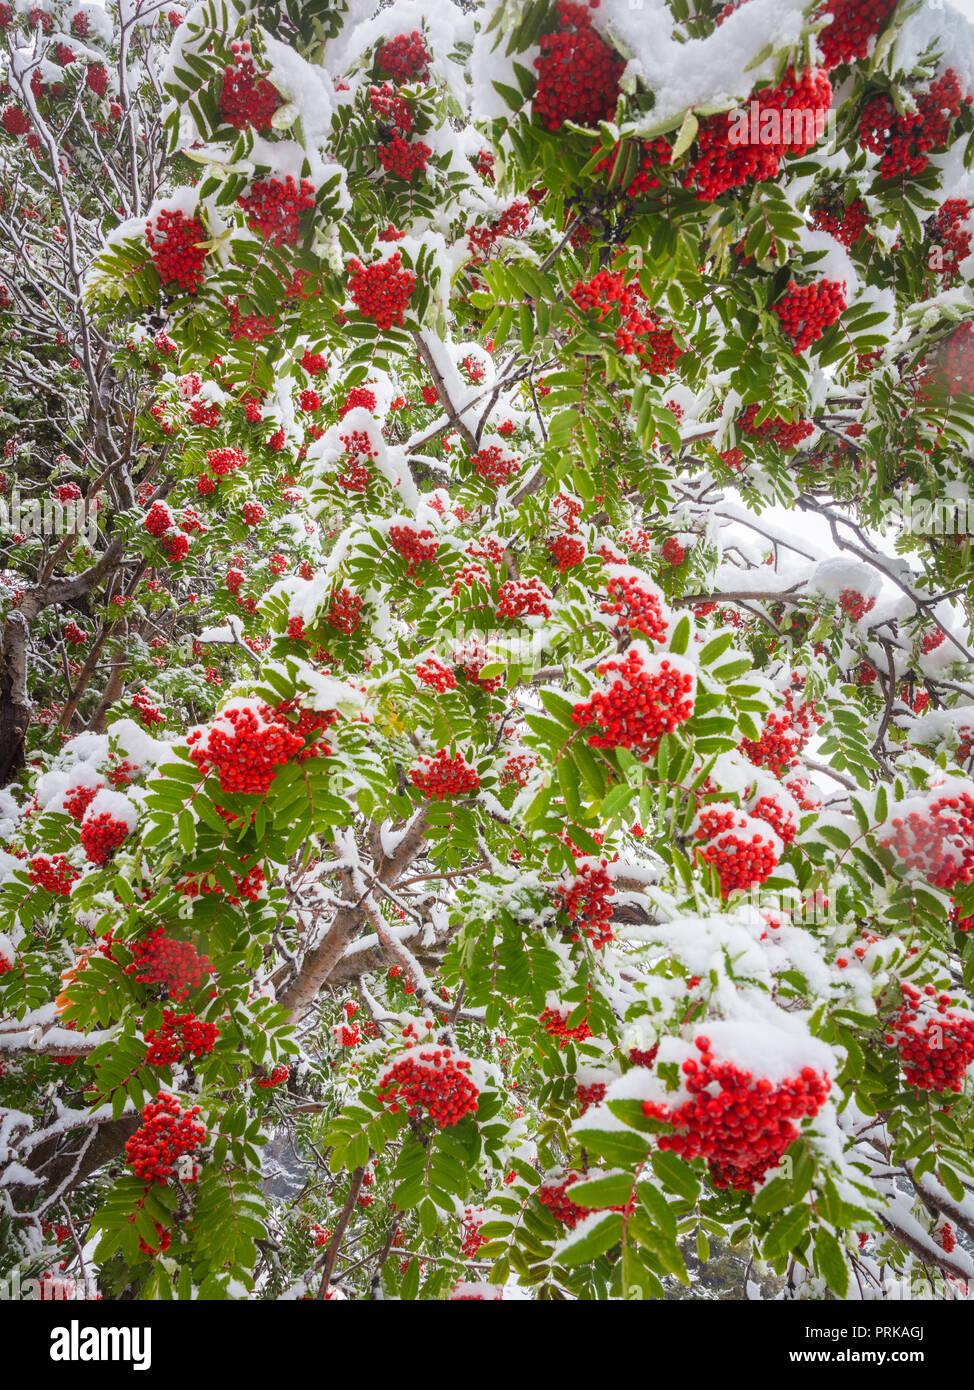 El Serbal de los cazadores o mountain-cenizas son arbustos o árboles del género Sorbus de la familia de la rosa, Rosaceae. Imagen De Stock